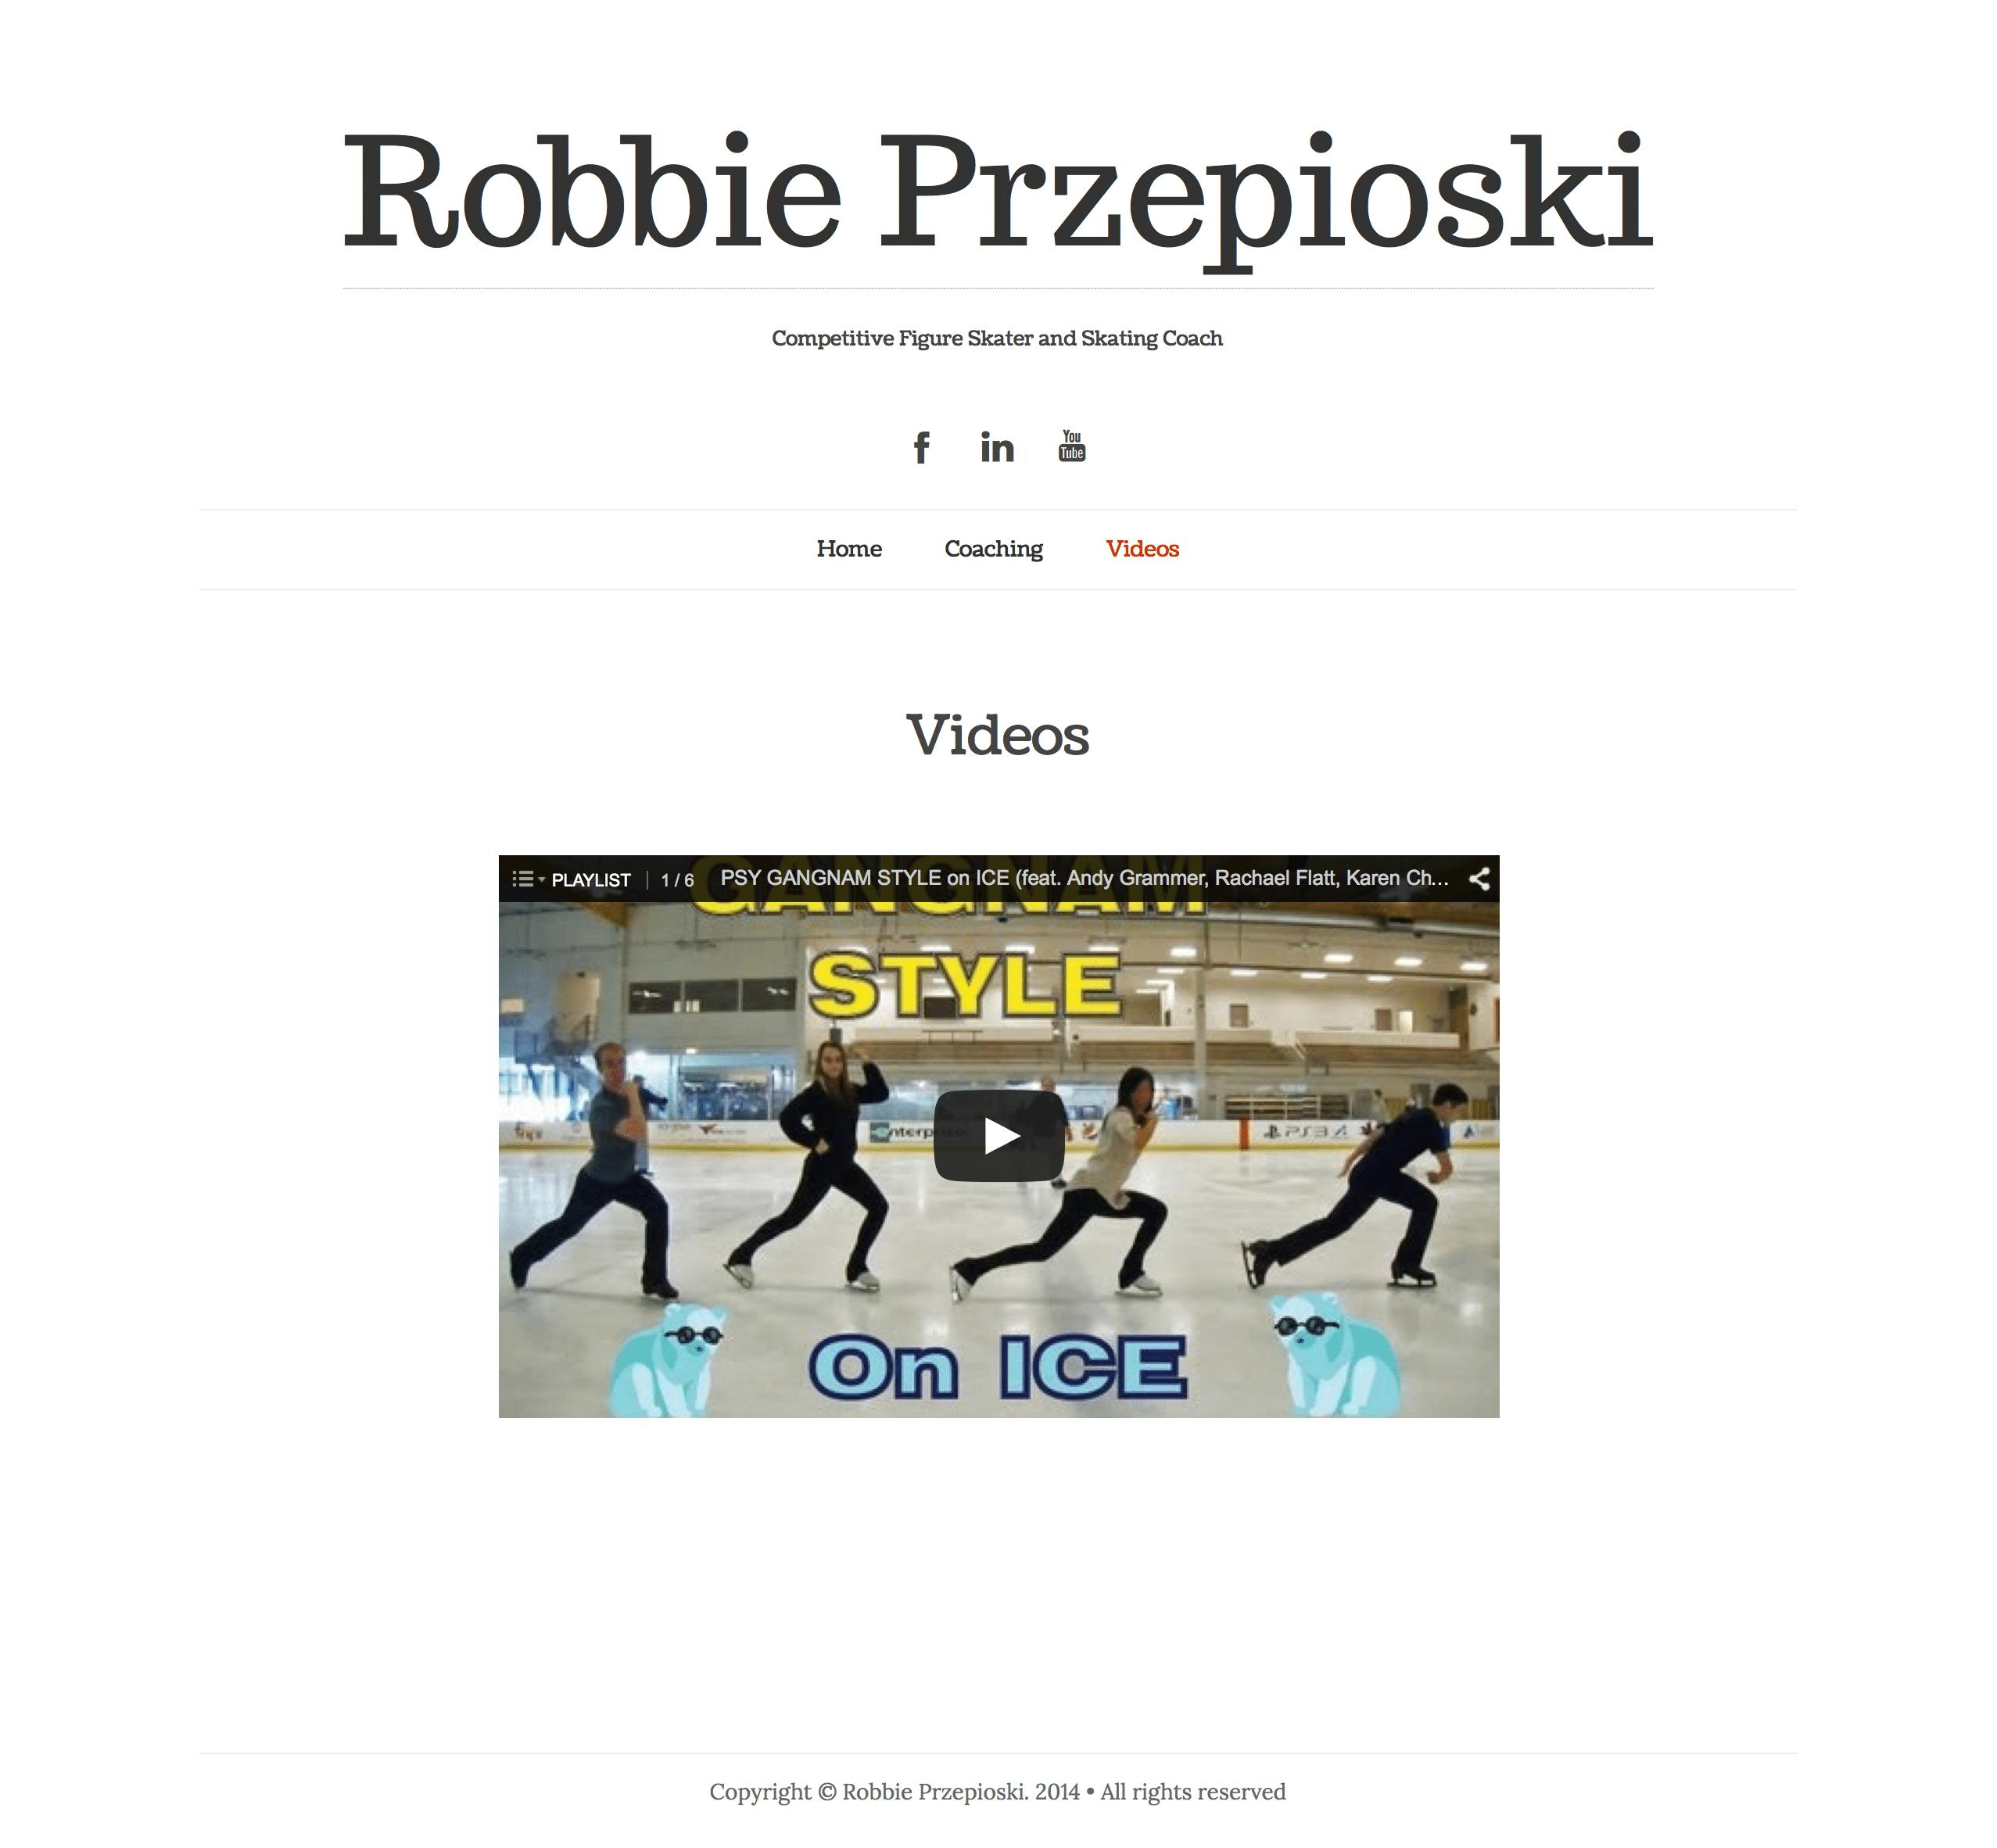 Robbie Przepioski